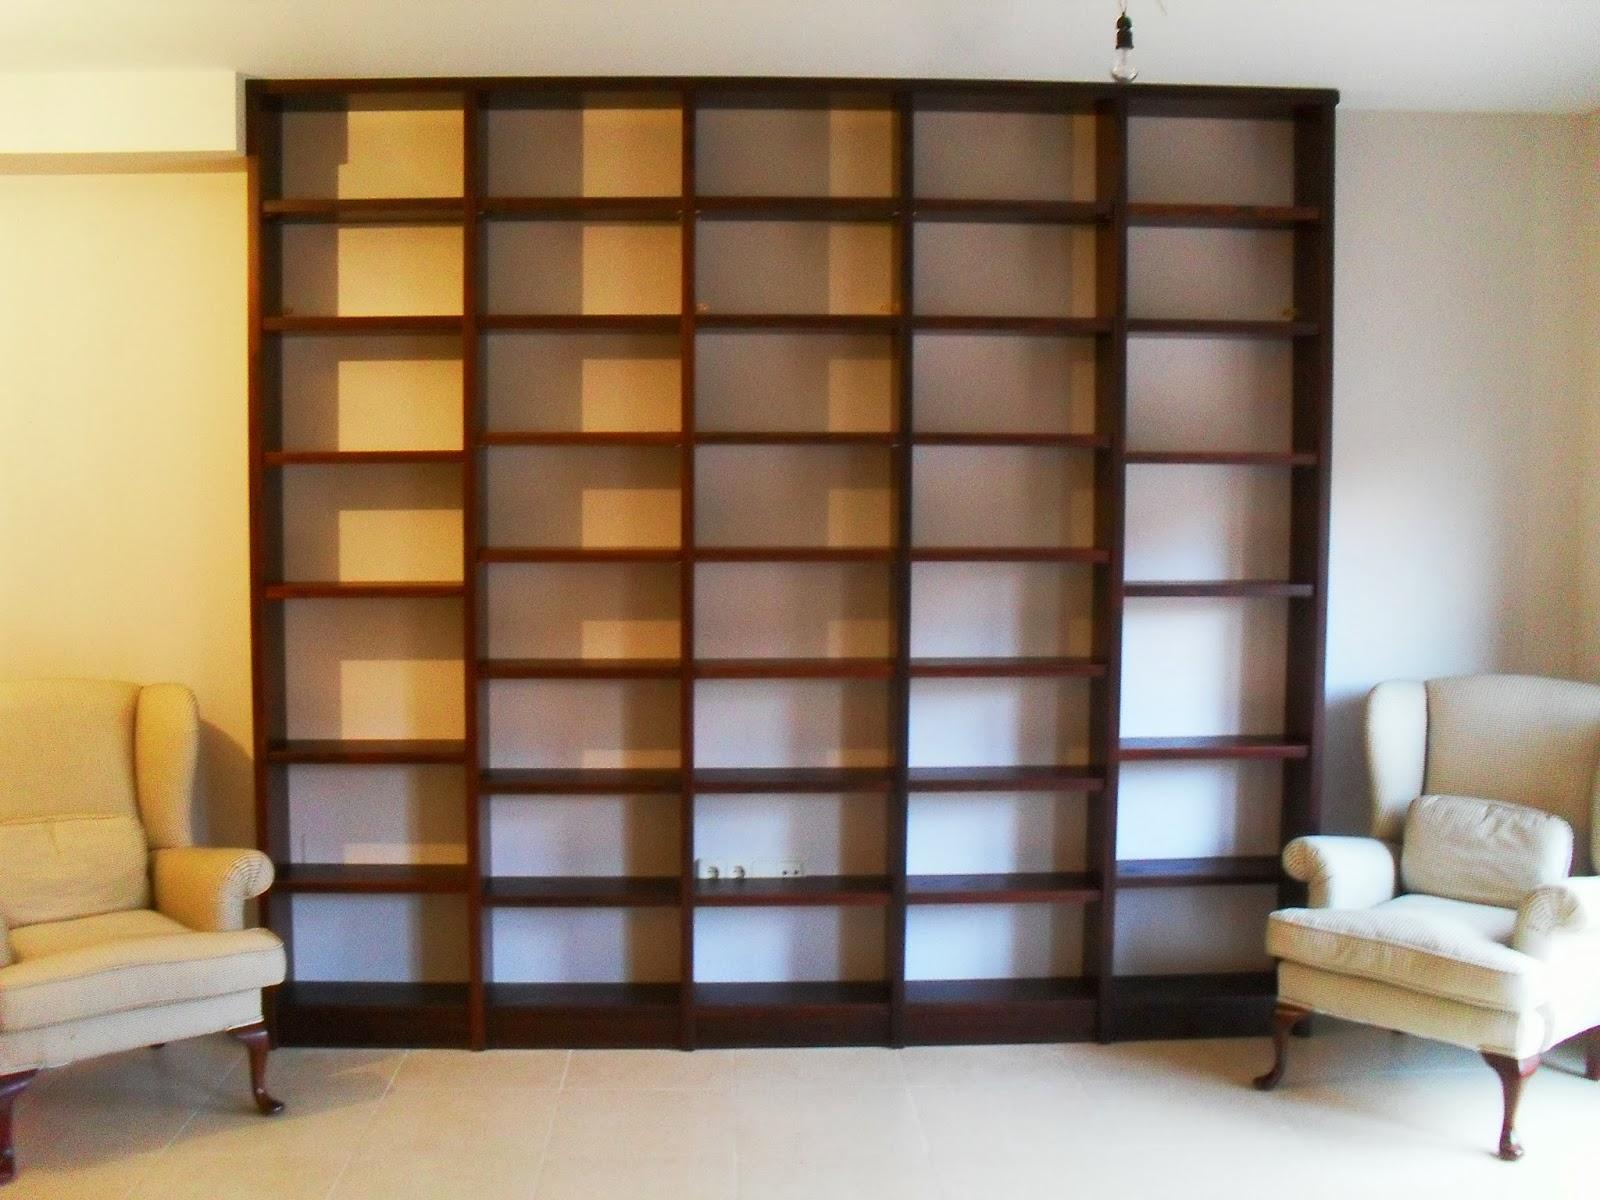 Librerias a medida madrid librerias lacadas de calidad librerias a medida madrid - Librerias lacadas ...